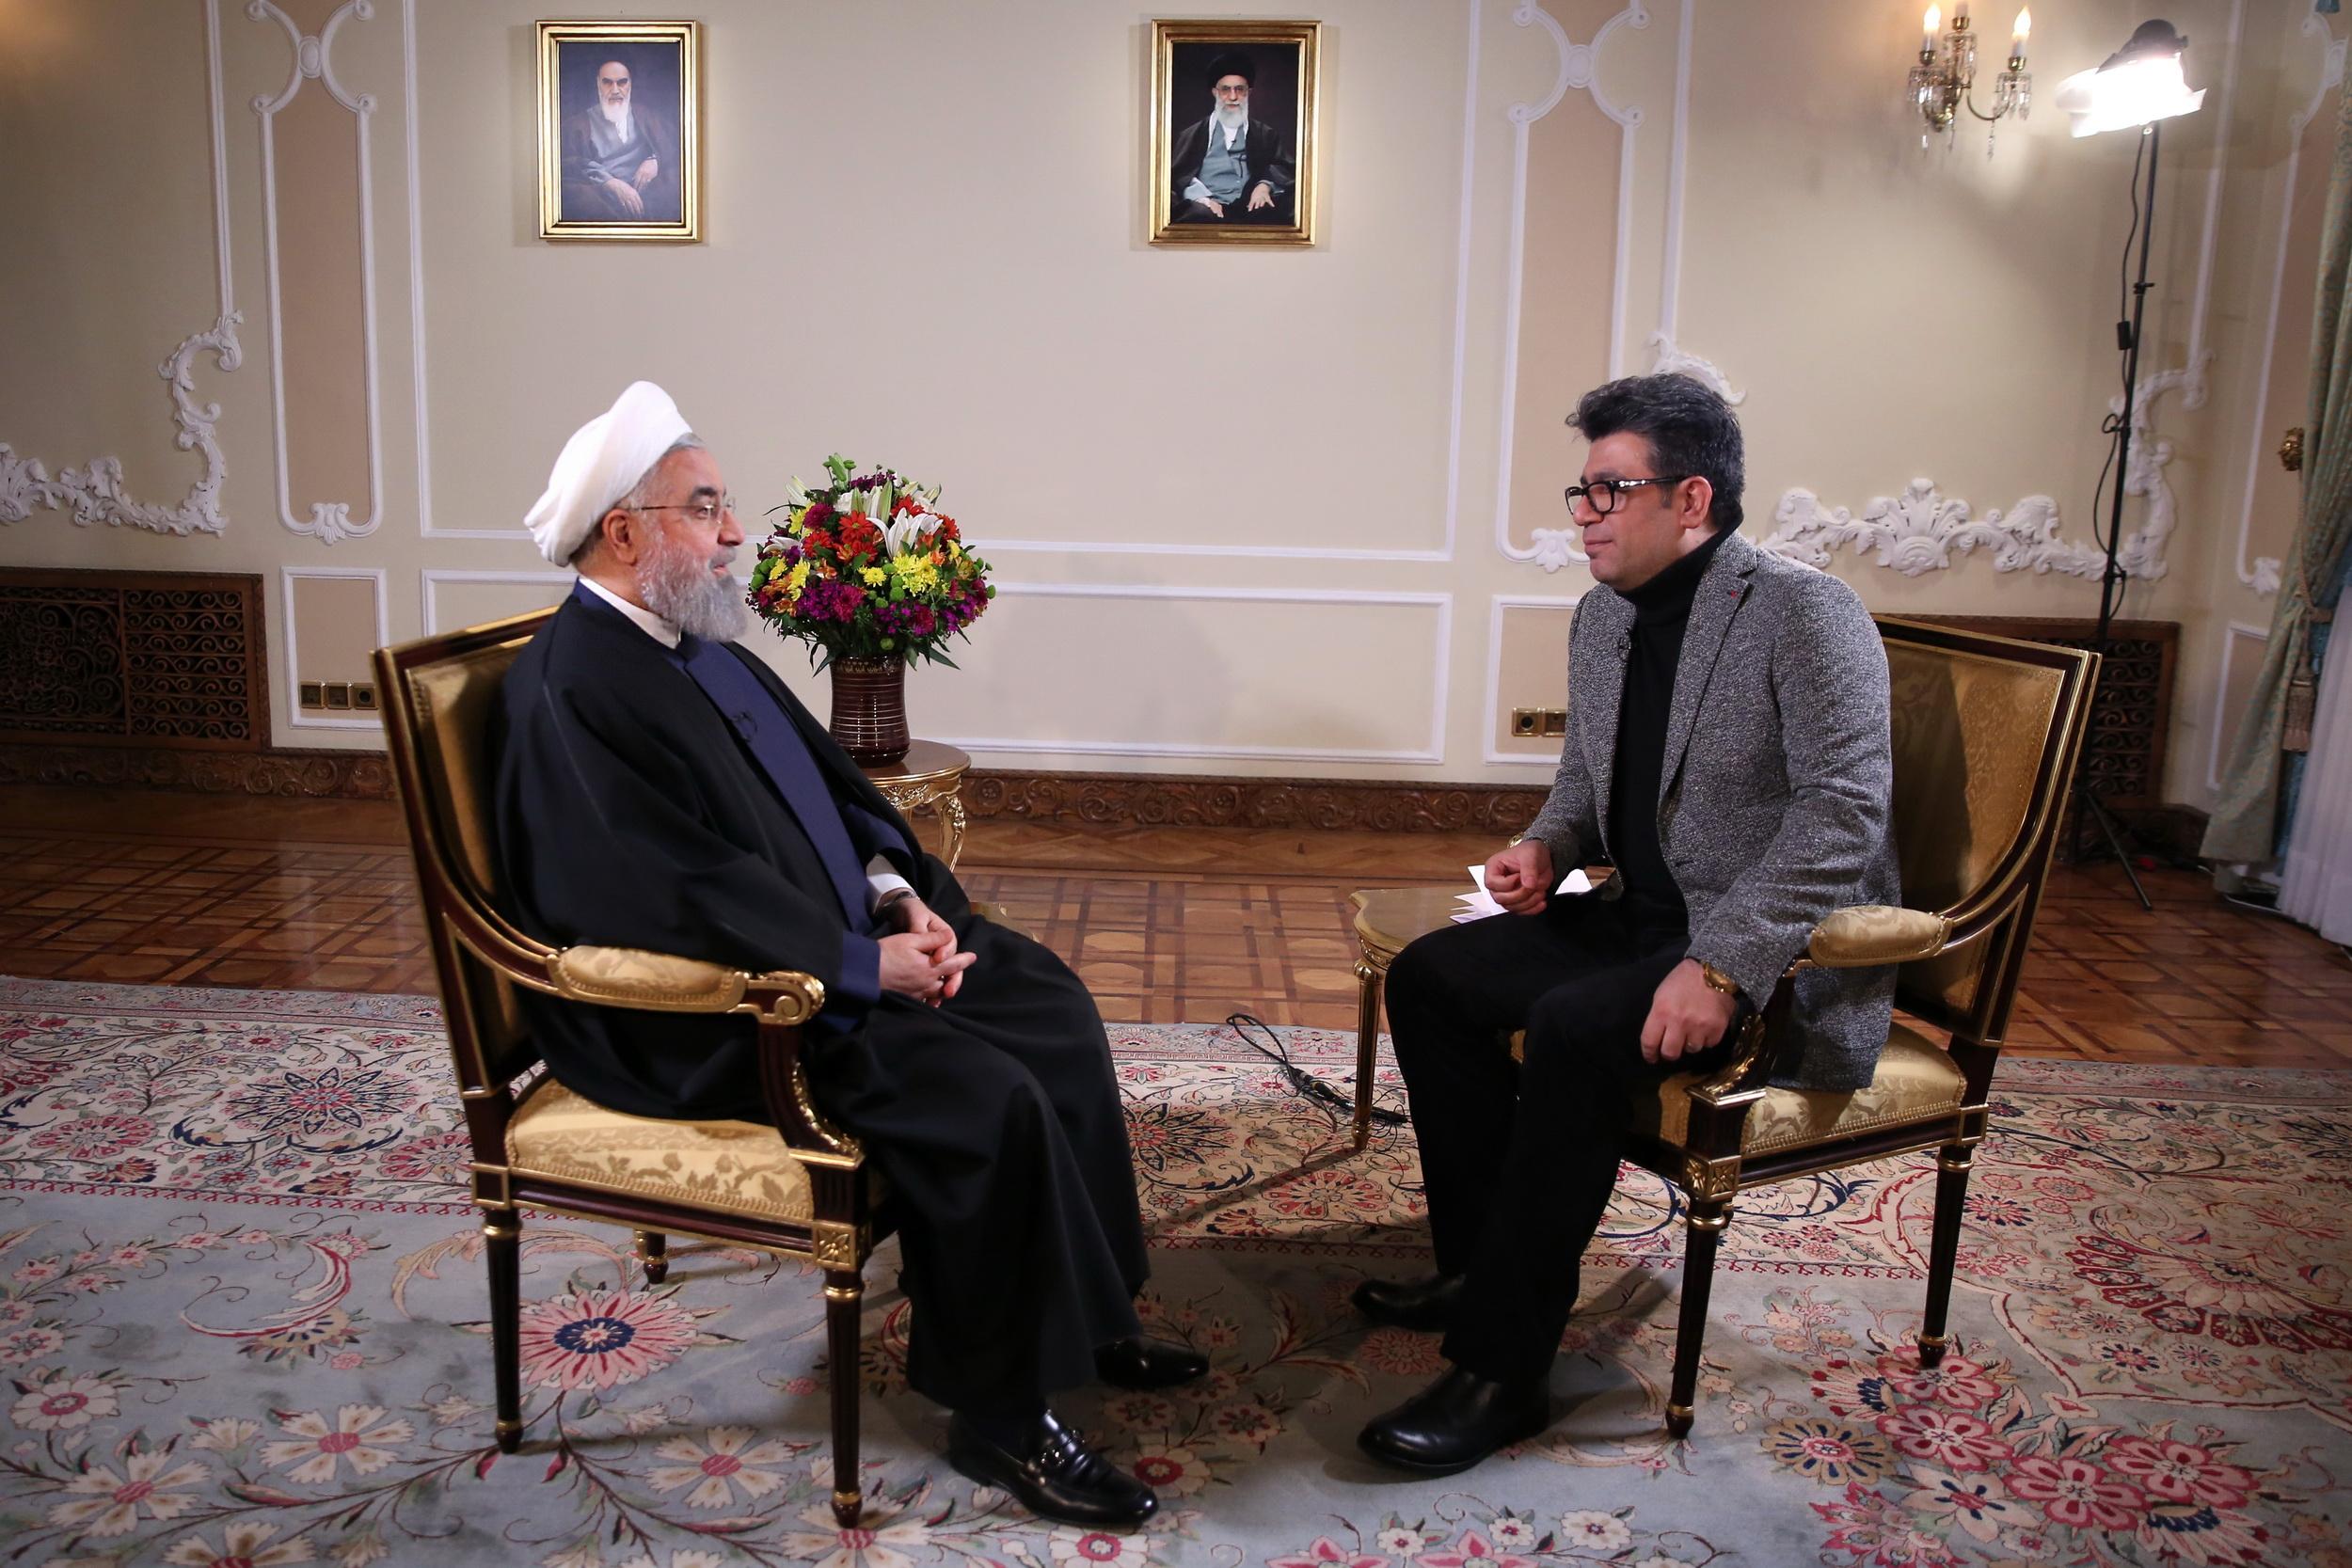 دکتر روحانی : به قول خود به مردم برای ایجاد اشتغال و ریشه کنی فقر مطلق پایبندم